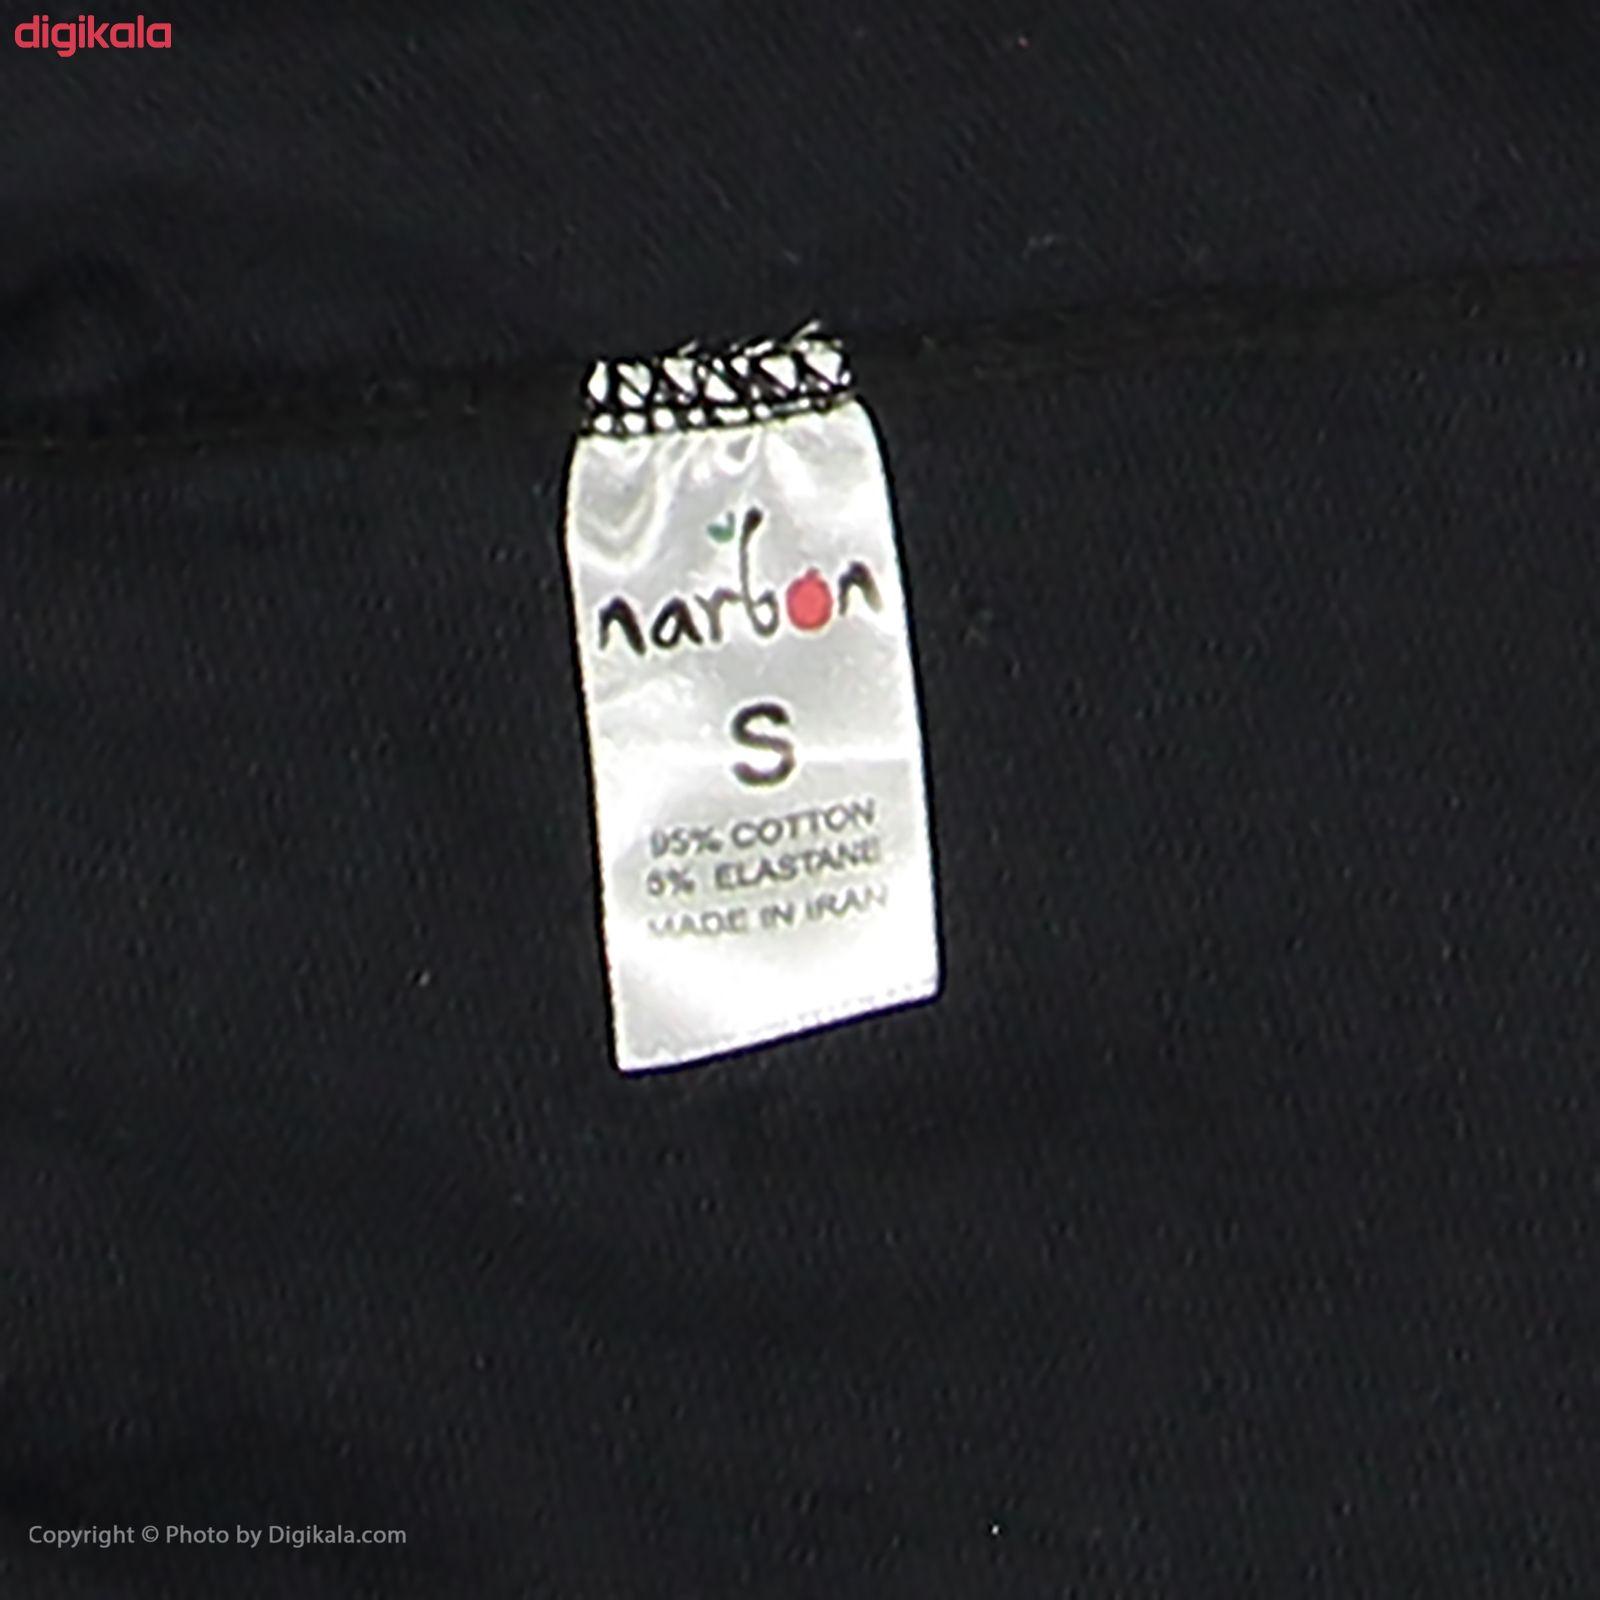 ست تی شرت و شلوار زنانه ناربن مدل 1521284-92 main 1 6